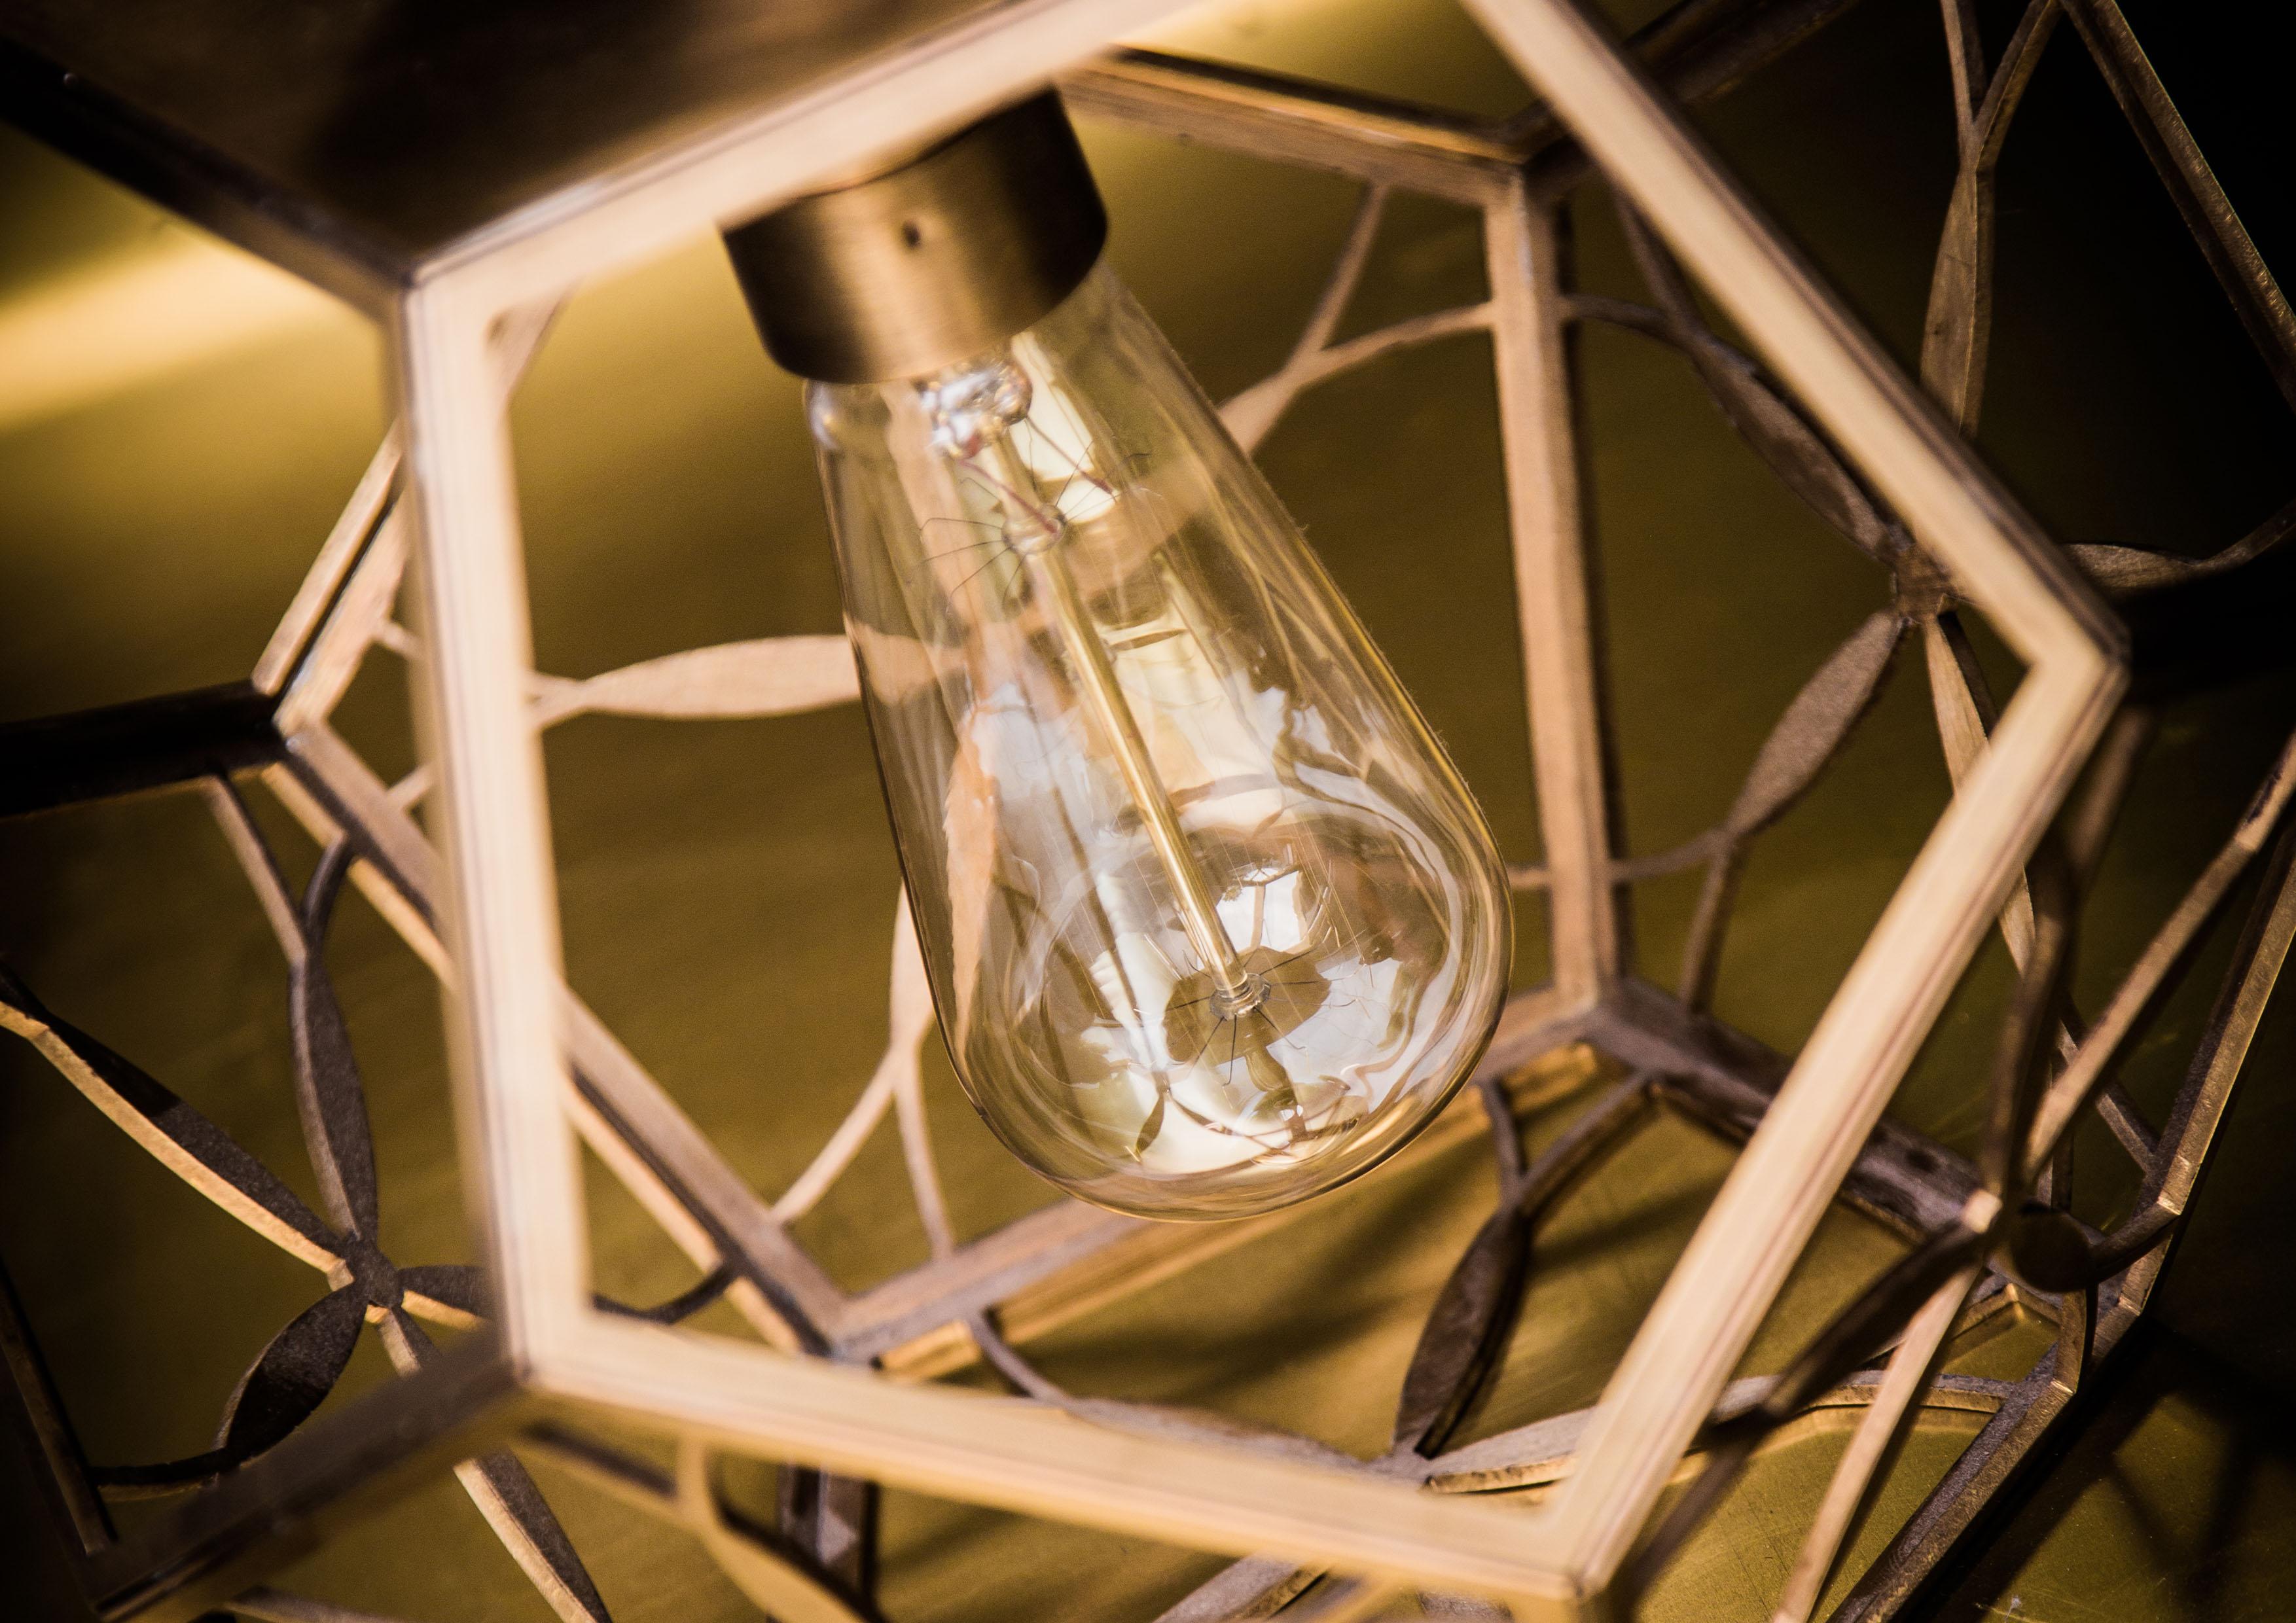 Bespokemetalstudiolights 2